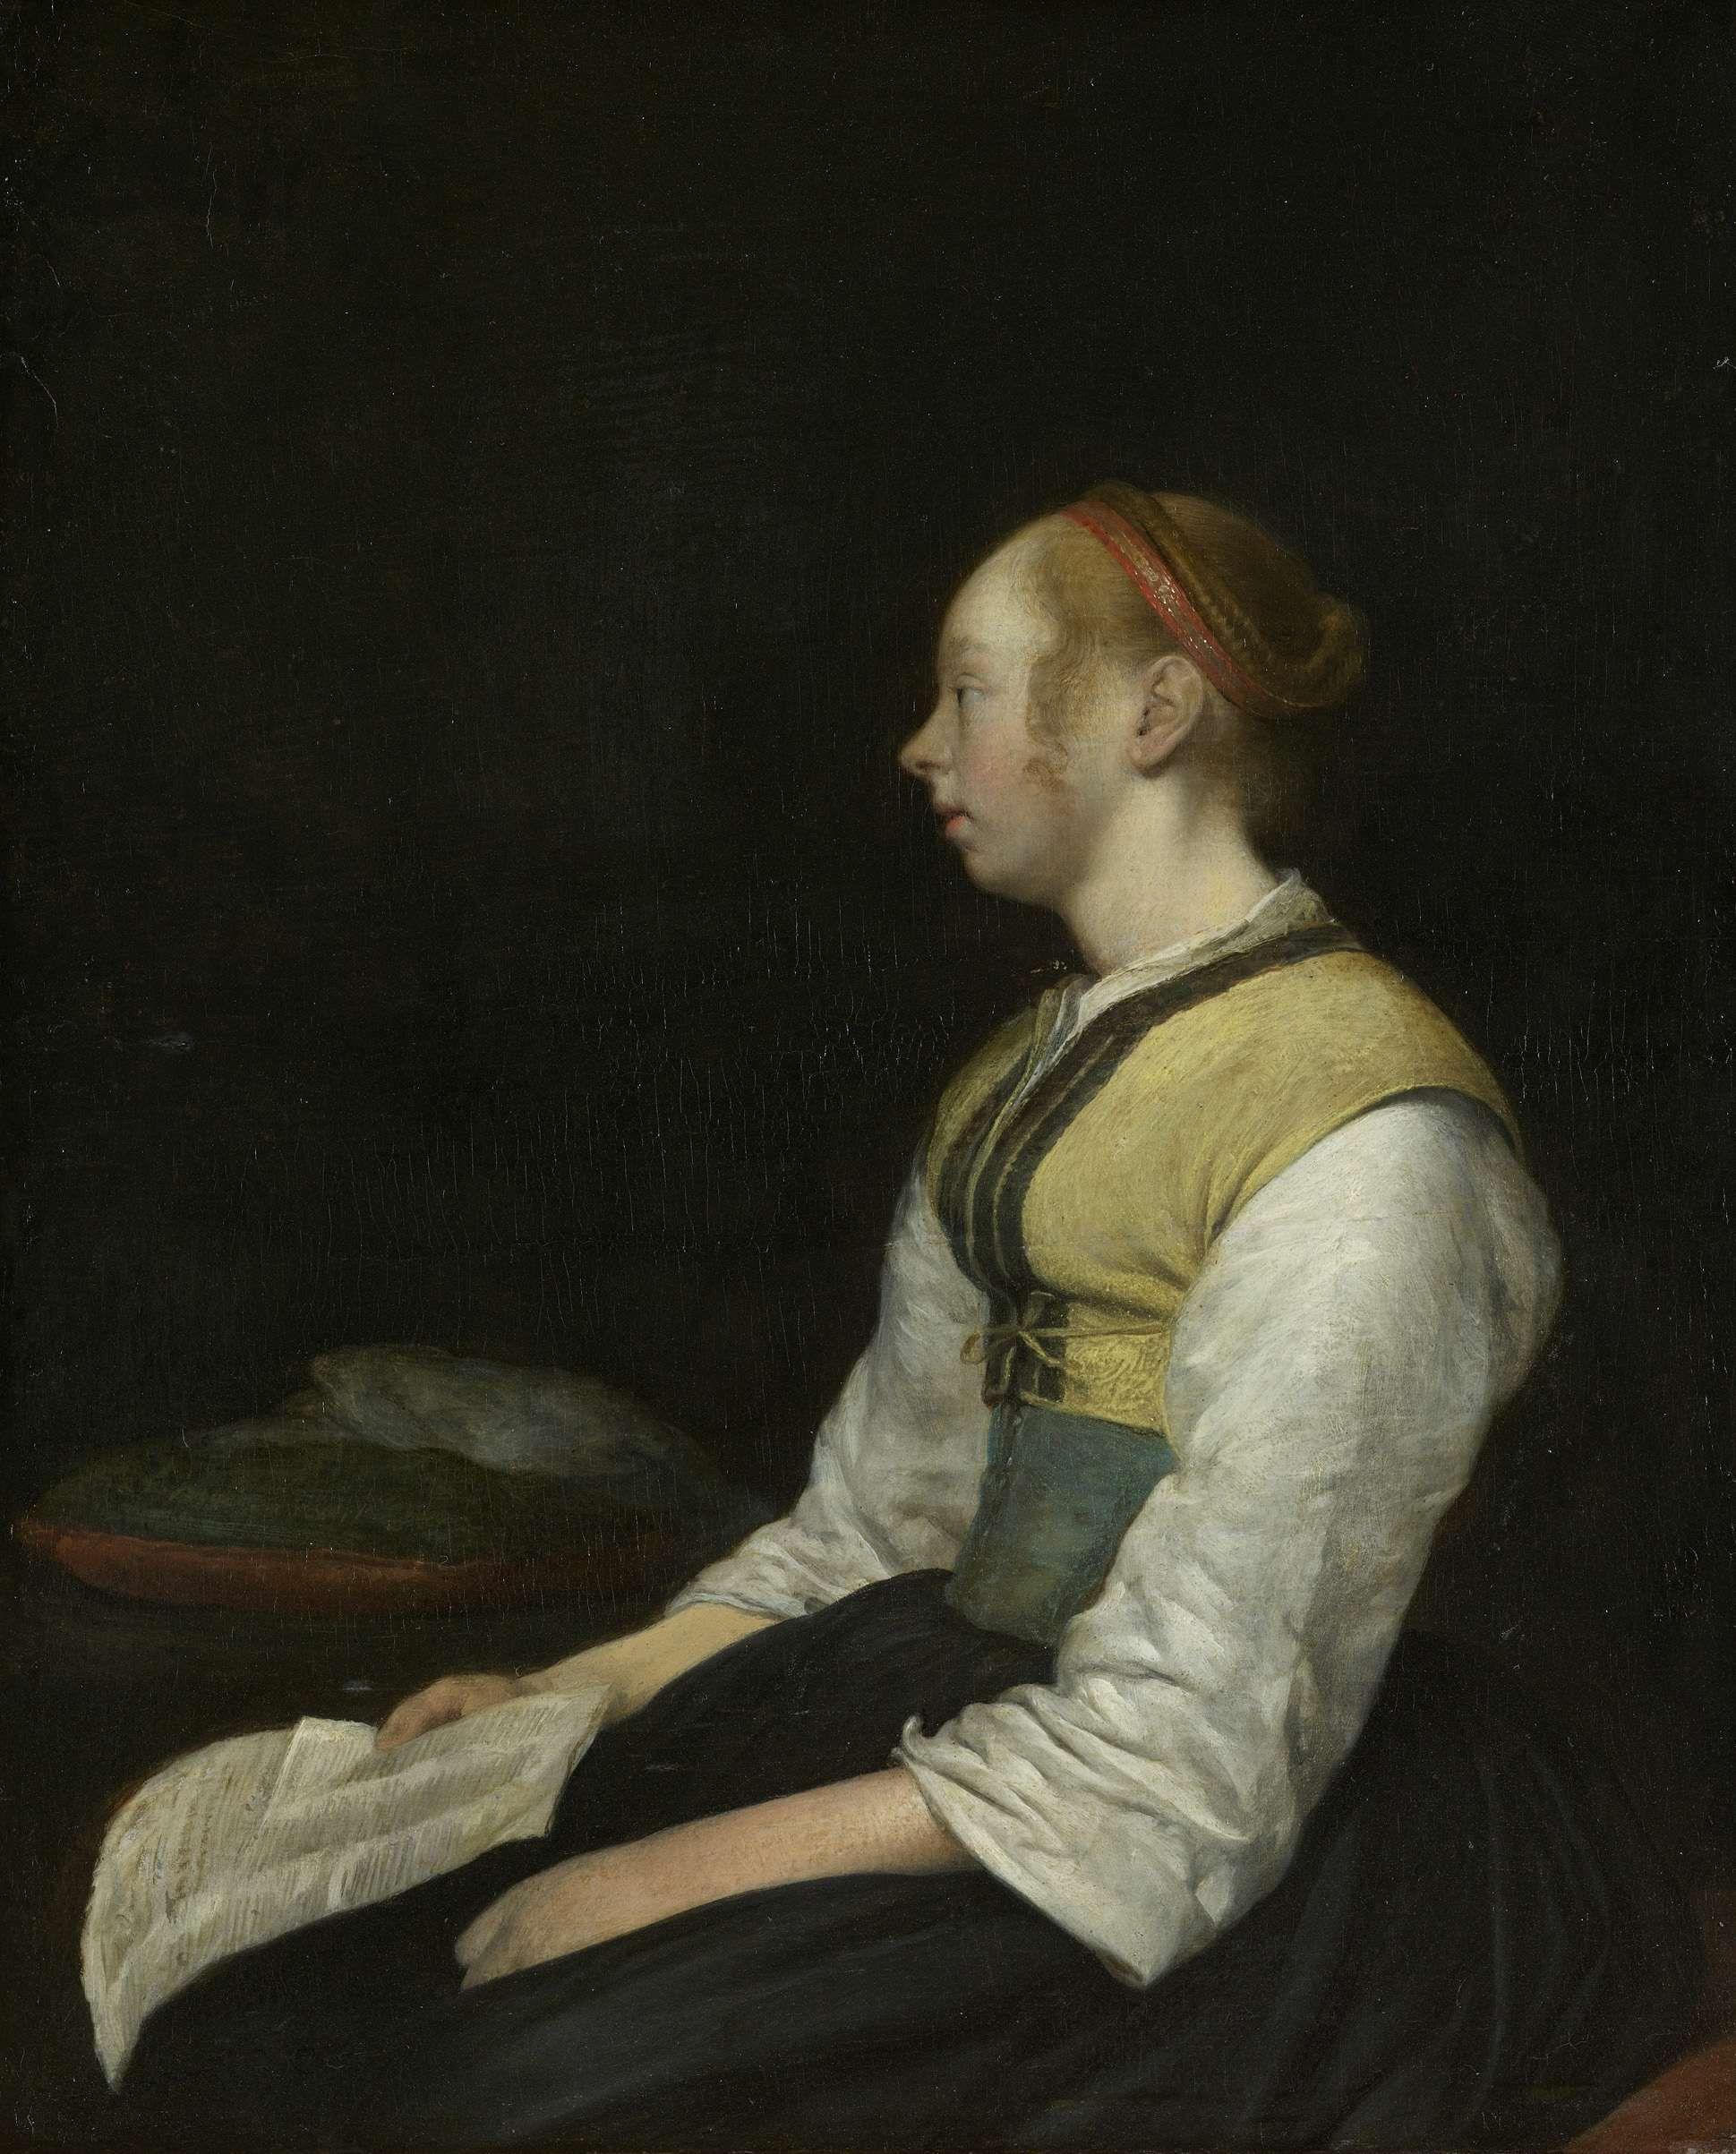 Gerard ter Borch, Zittende jonge vrouw (waarschijnlijk Gesina ter Borch) (1650-60, Rijksmuseum, Amsterdam)